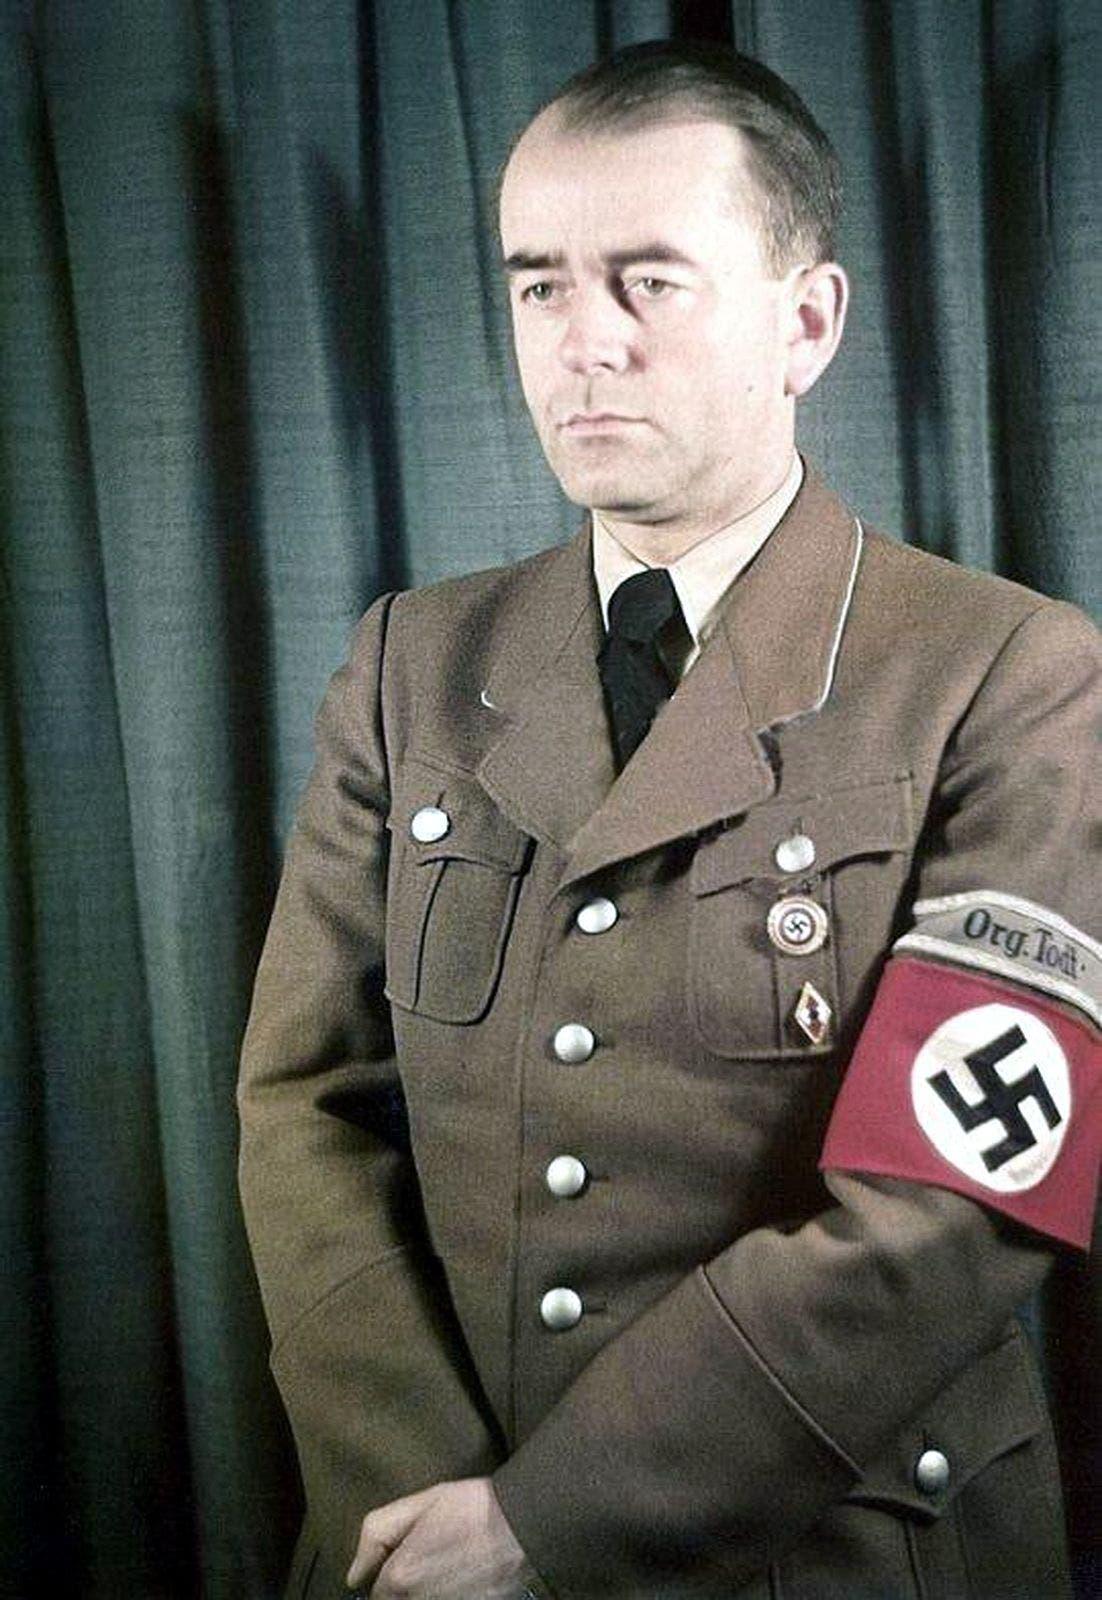 صورة لوزير الإنتاج الحربي الألماني ألبرت شبير